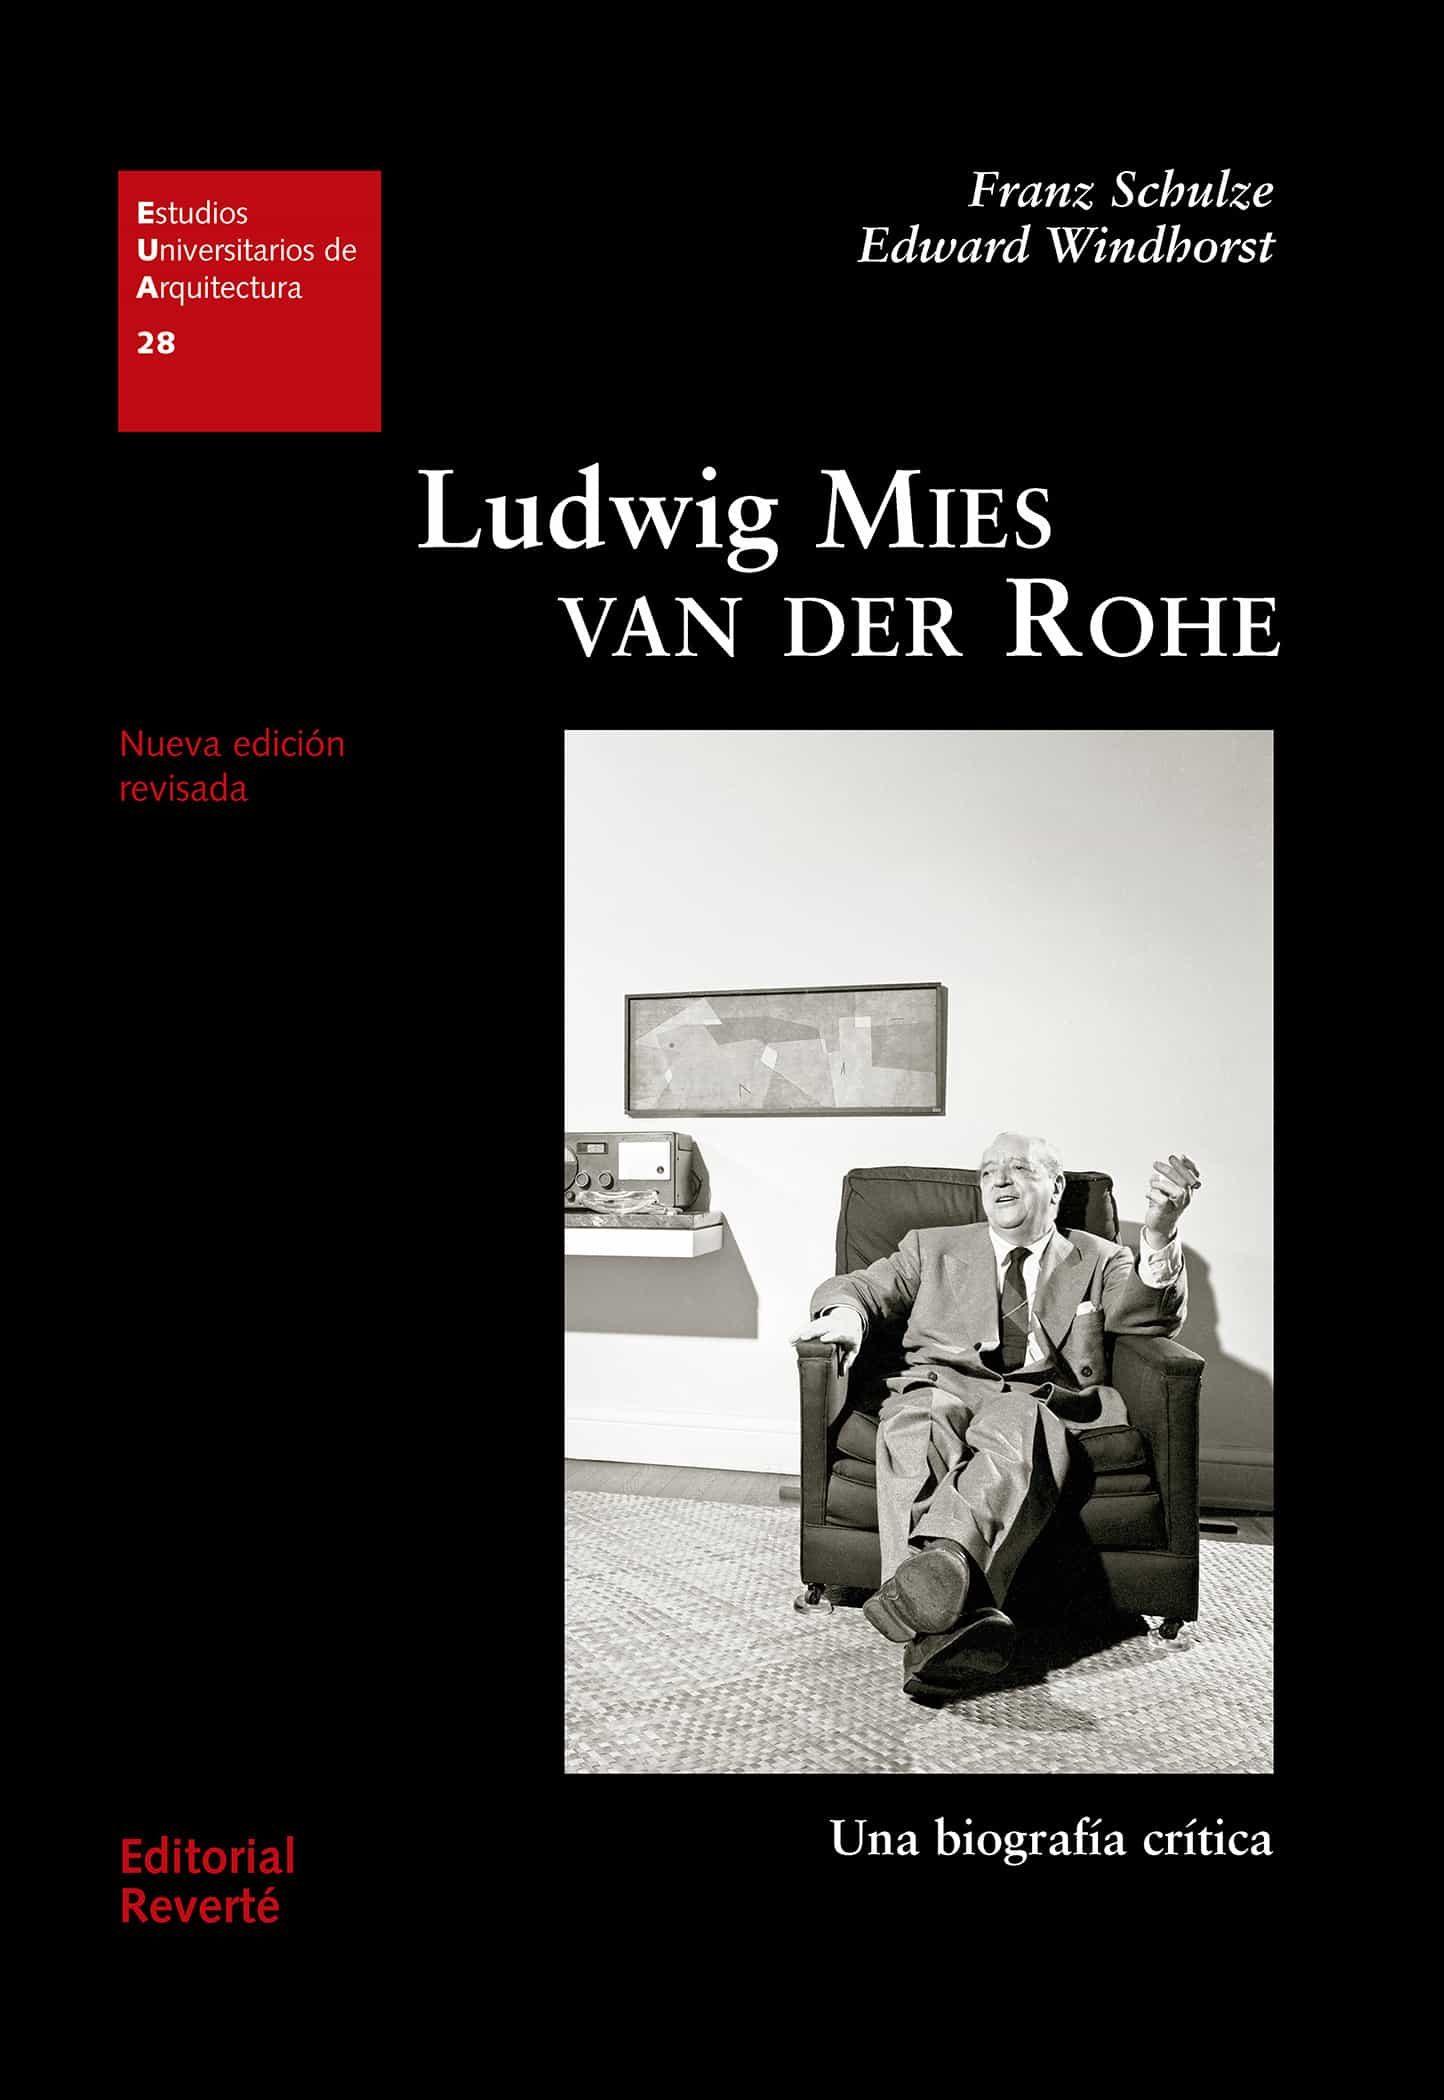 Ludwig Mies Van Der Rohe: Una Biografía Crítica (rustica) por Franz Schulze;                                                                                                                                                                                                          Edward Windhorst